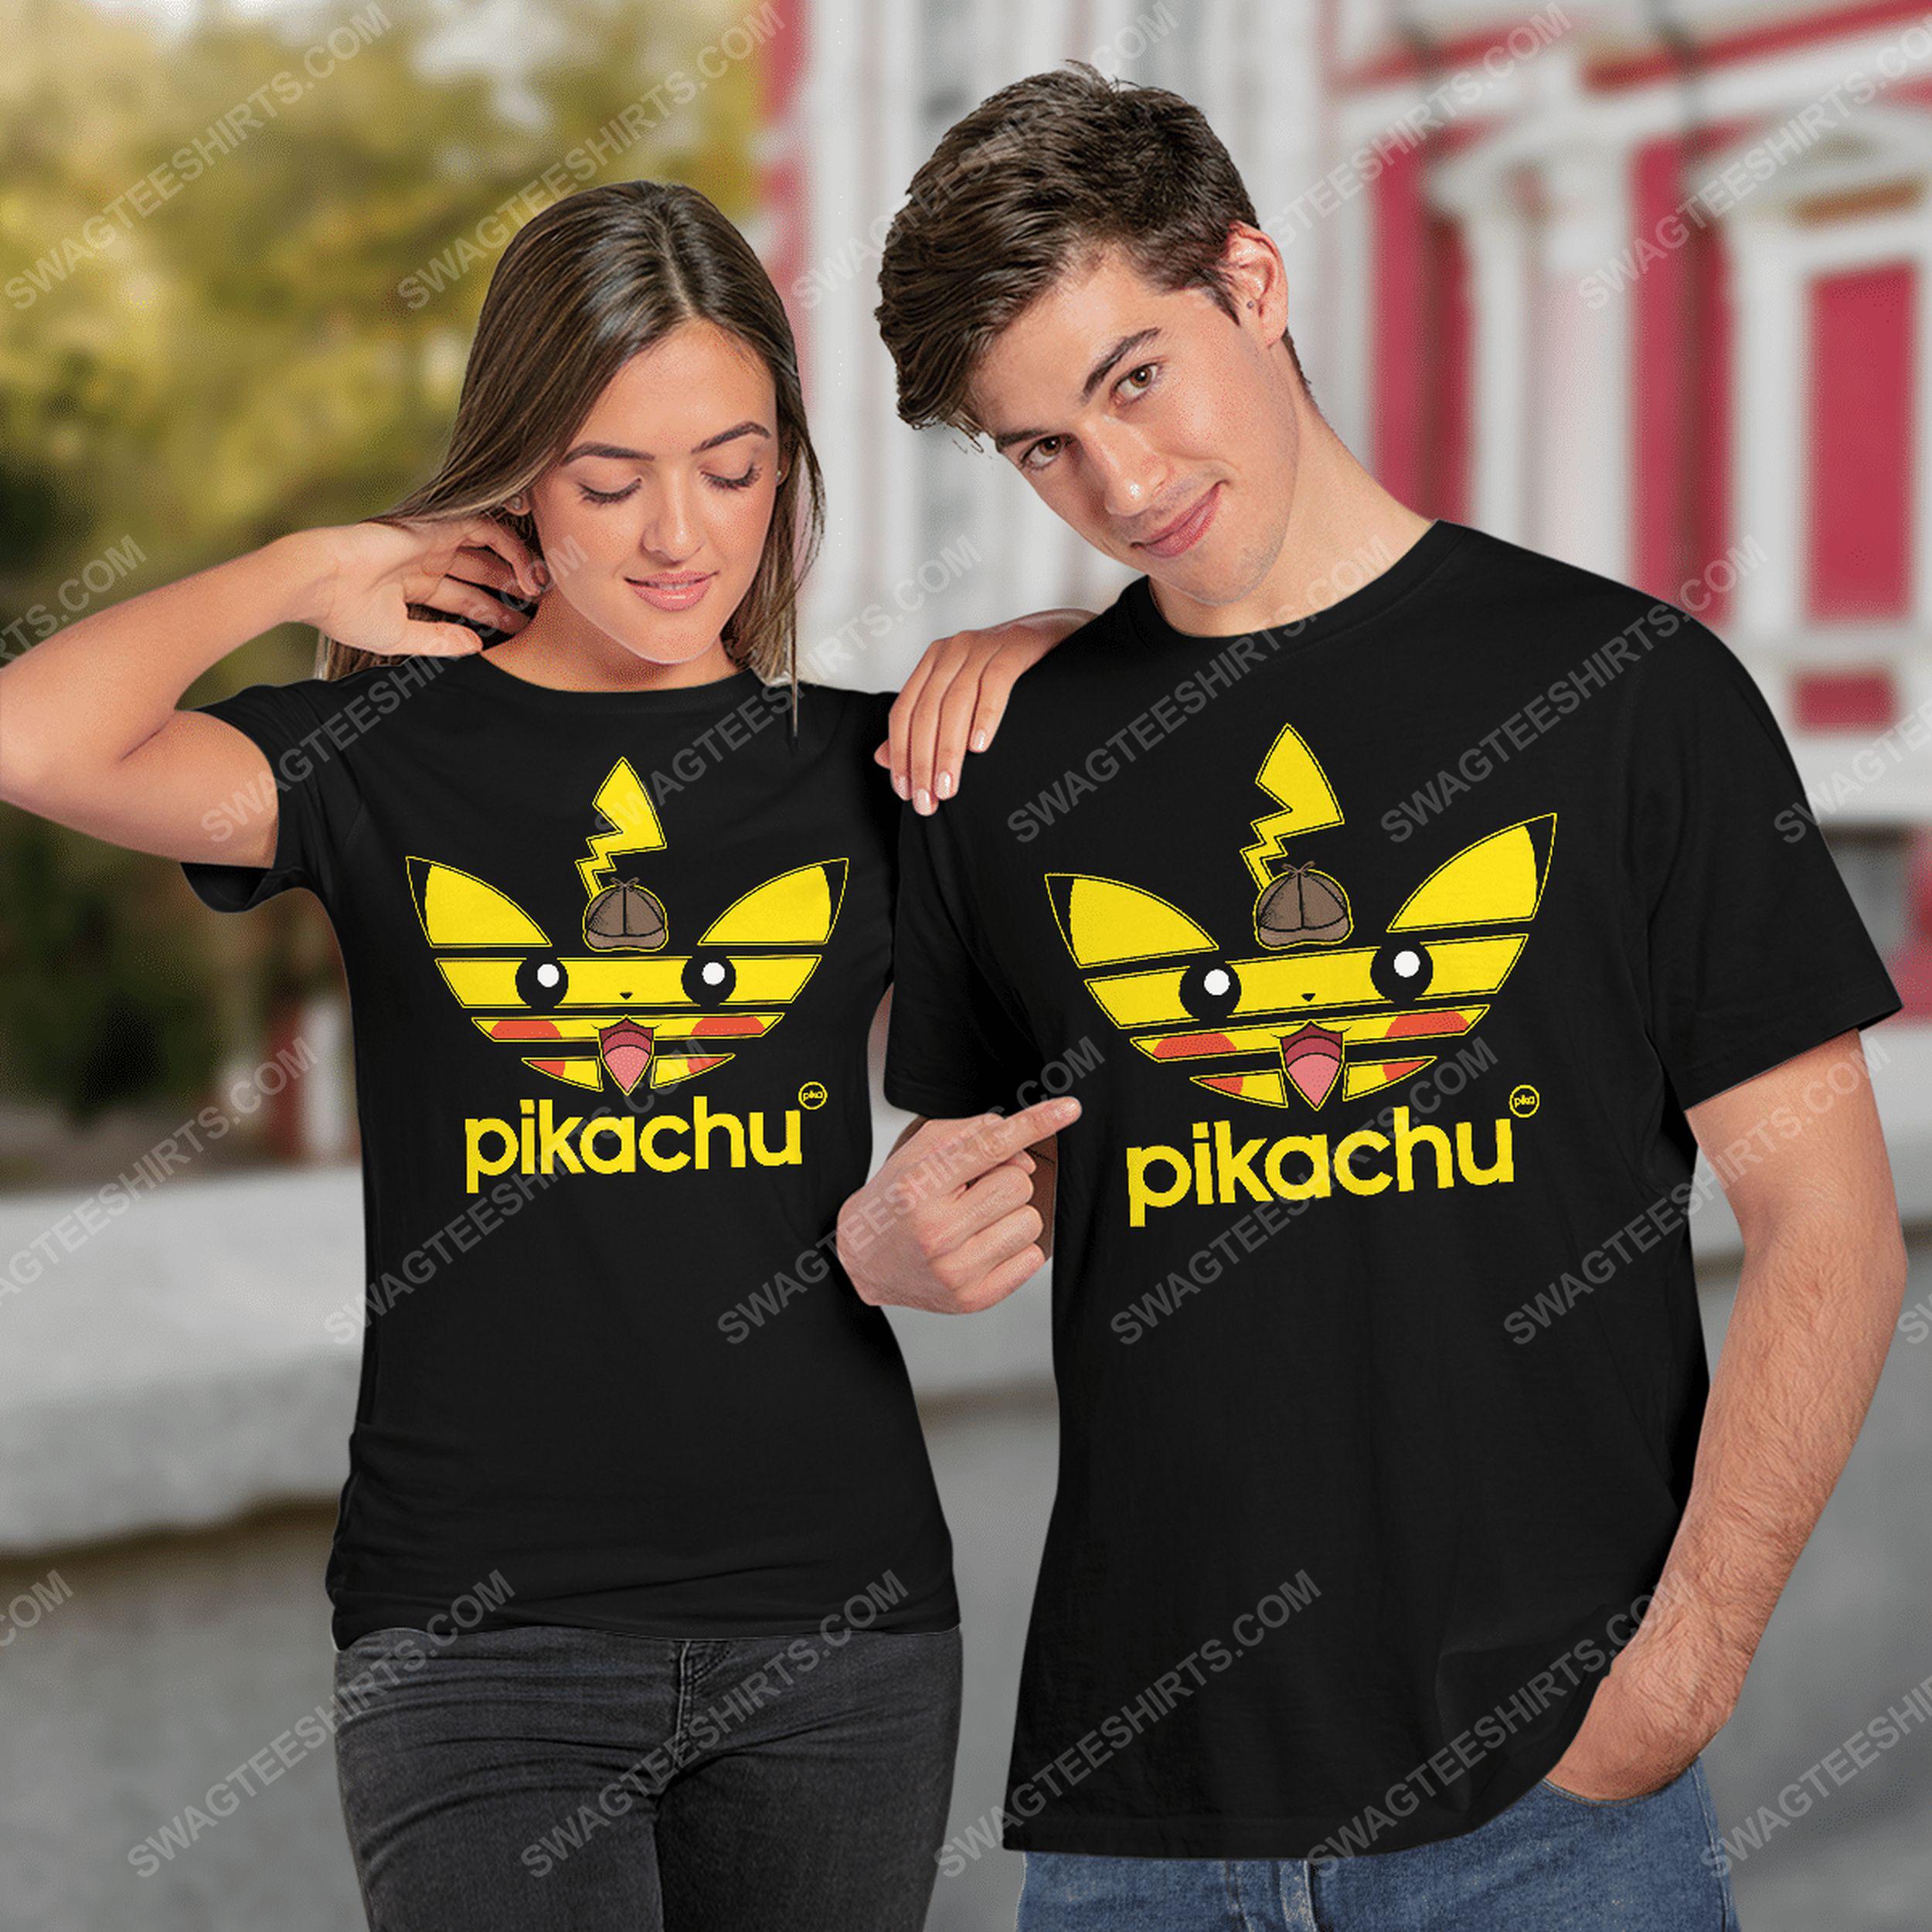 Detective pikachu pokemon tshirt 1